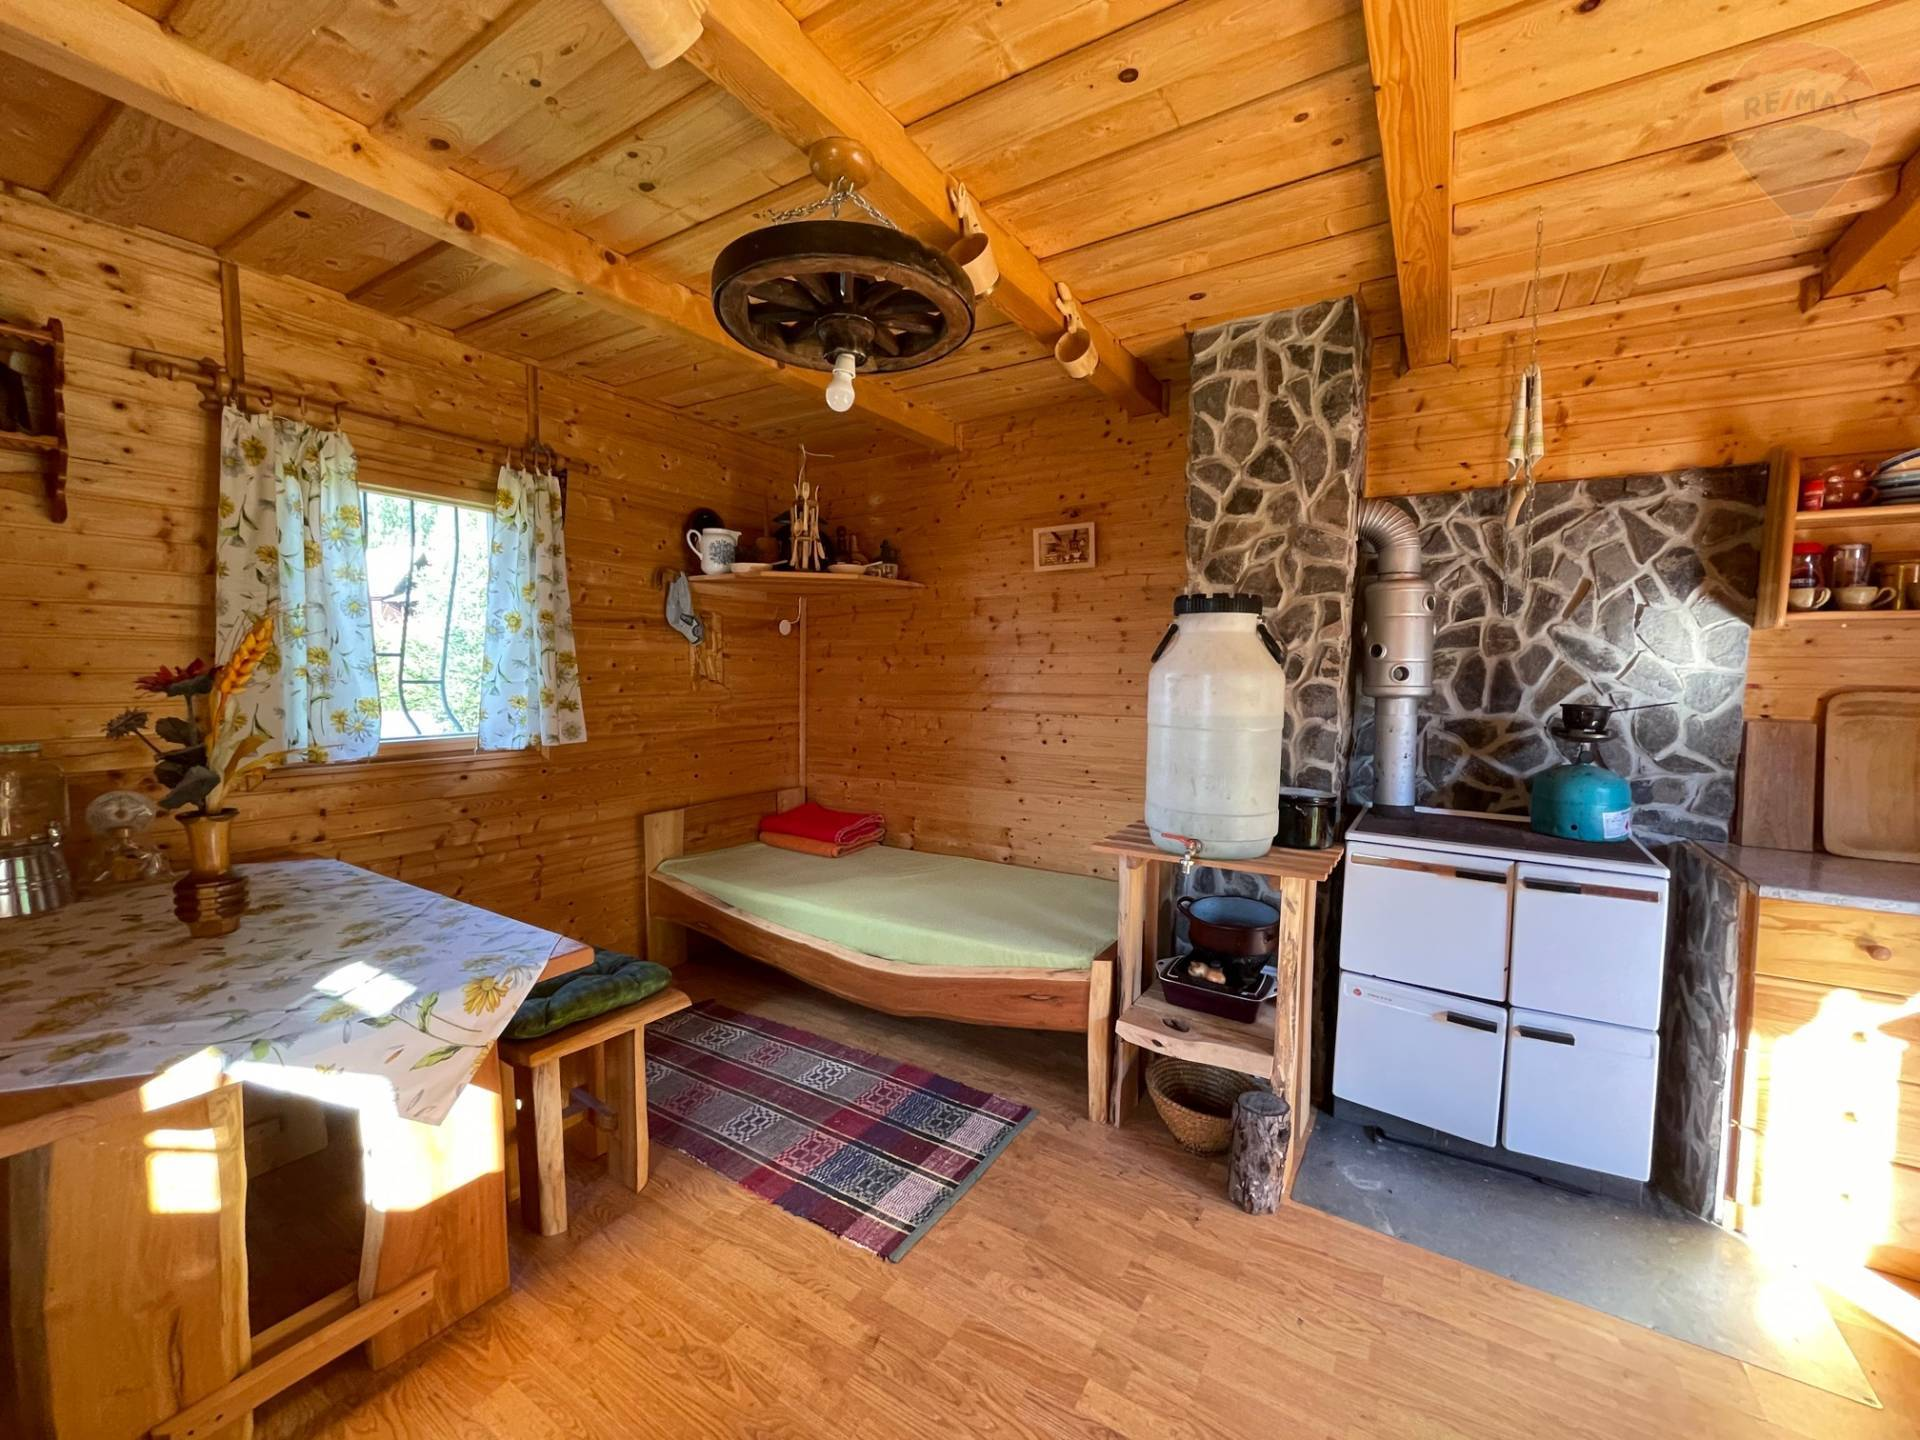 Predaj chaty 30 m2, Osrblie - Predaj: horská chata na peknom veľkom pozemku